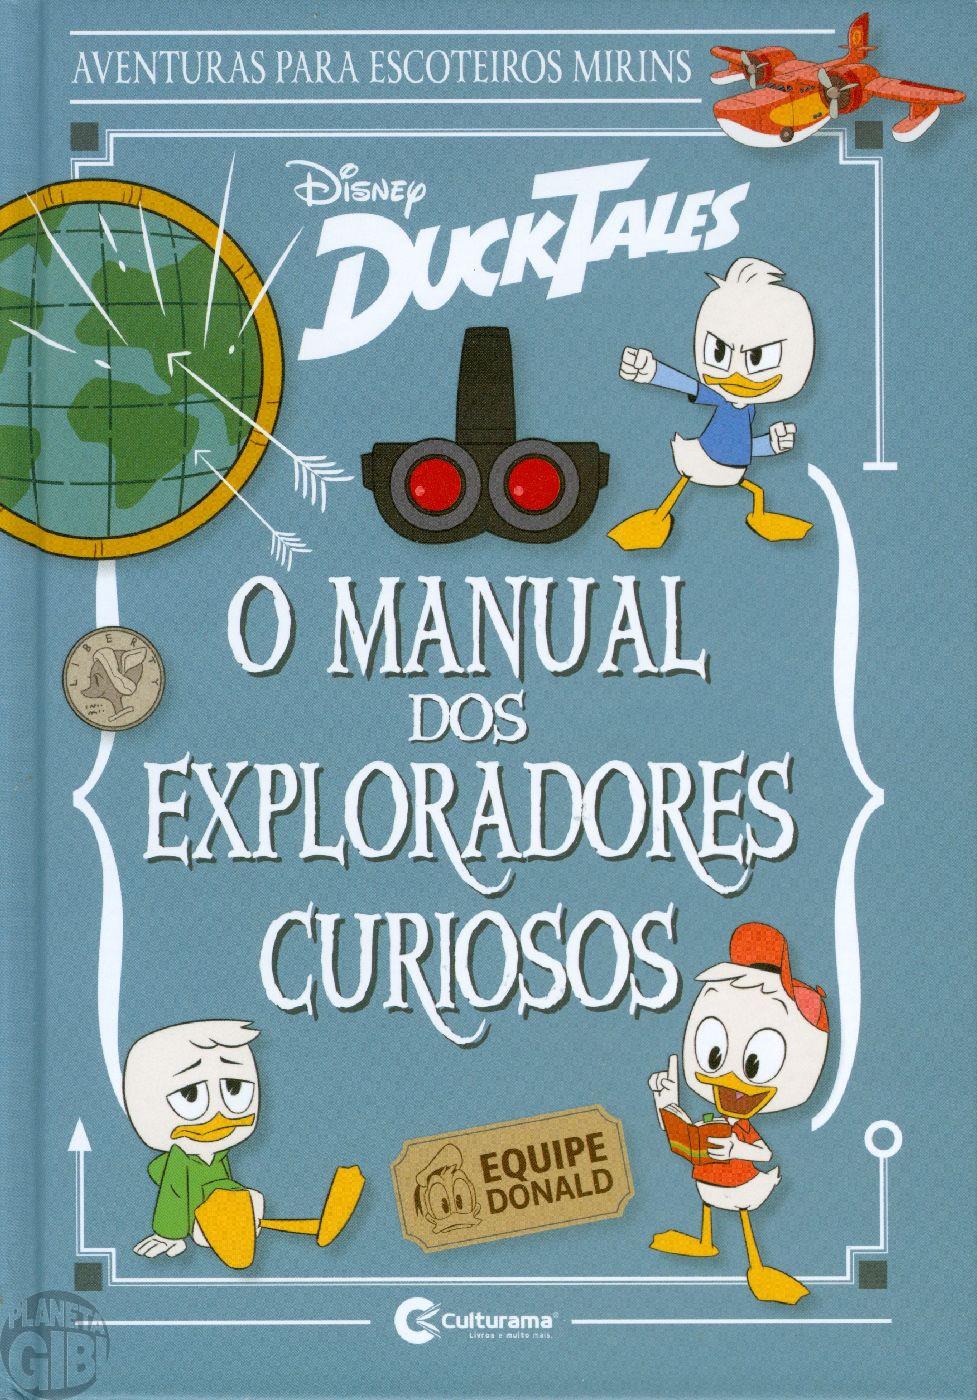 Manual dos Exploradores Curiosos DuckTales – Aventuras para Escoteiros Mirins - ago/2019 Capa Dura